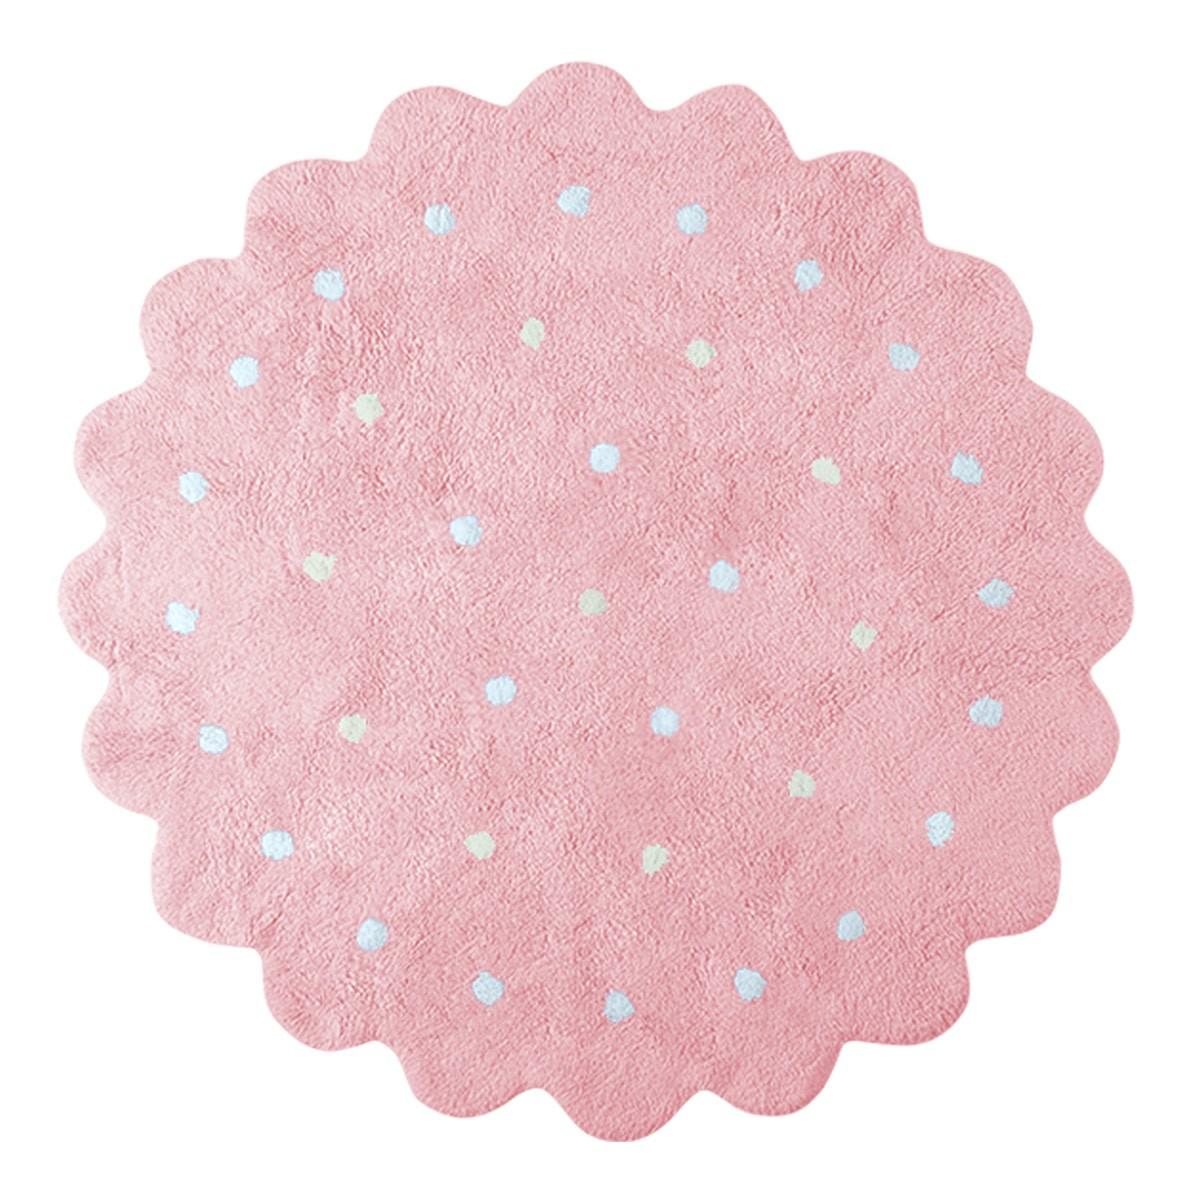 Πλενόμενο Στρογγυλό Χαλί (Φ140) Lorena Canals LittleBiscuit Pink